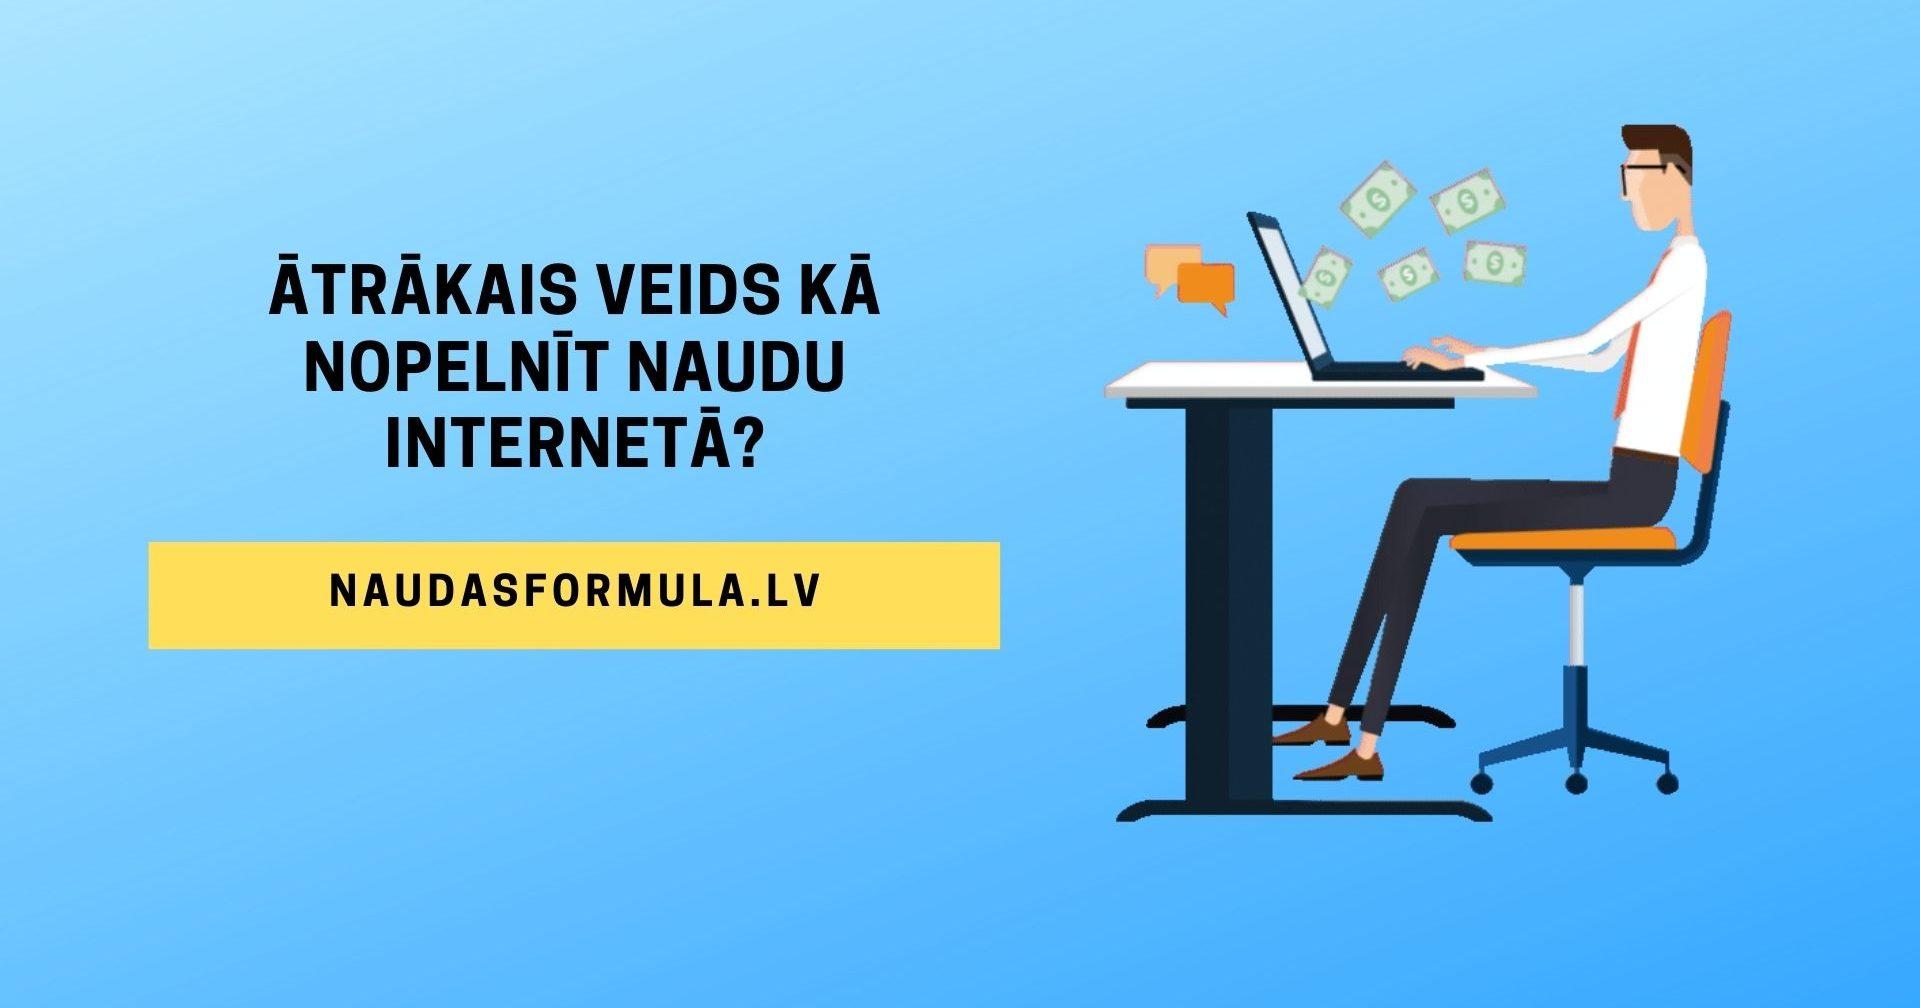 kurš uzņēmums var nopelnīt naudu internetā opcija alumīnijs